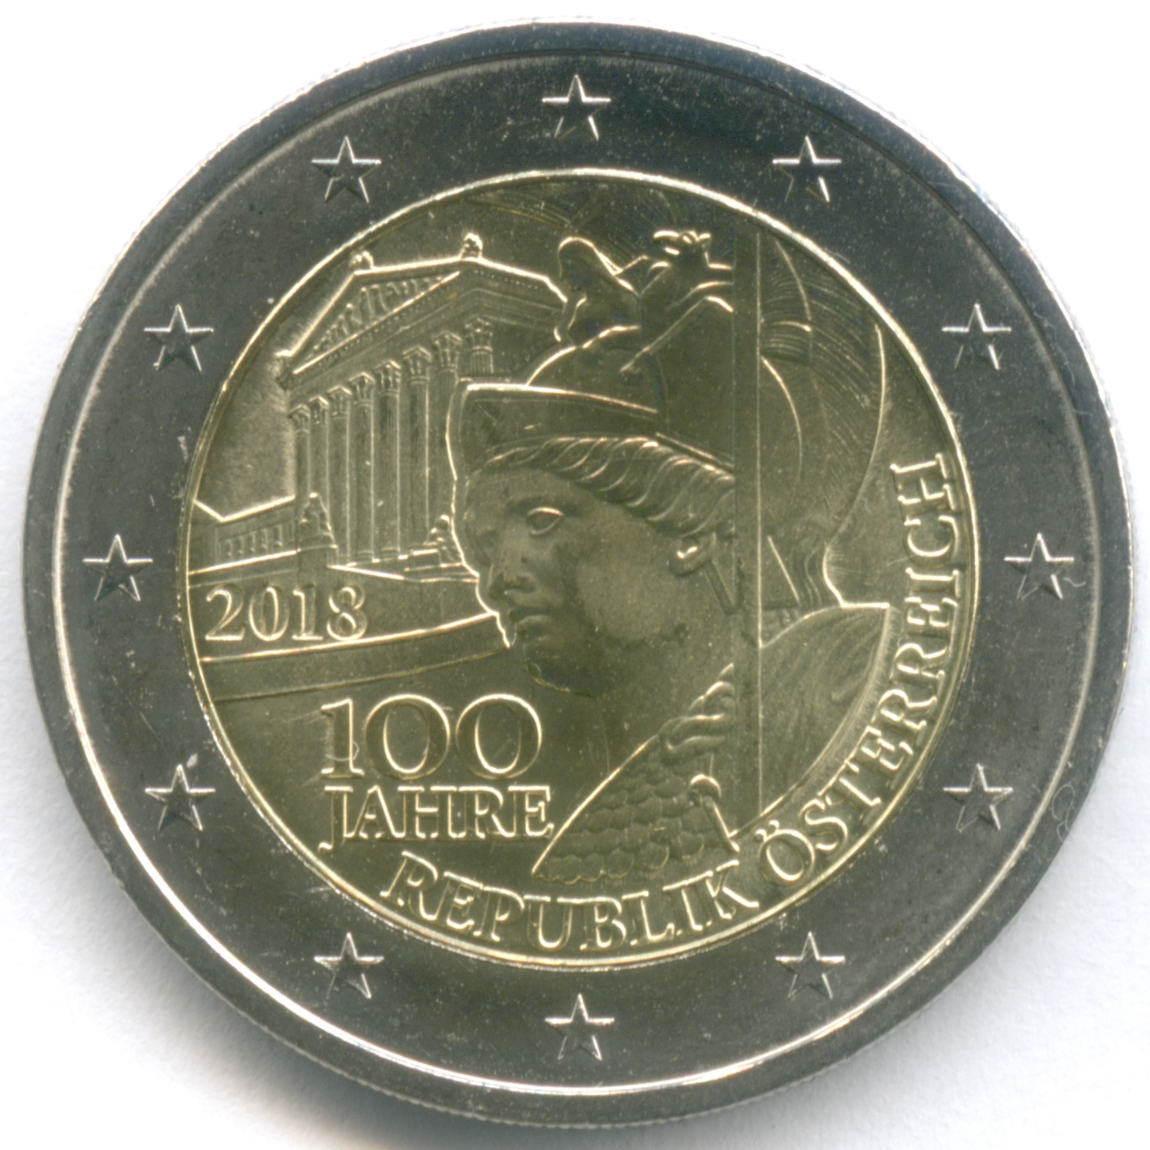 2 евро 2018 год. Австрия. 100 лет Республике. Биметалл UNC